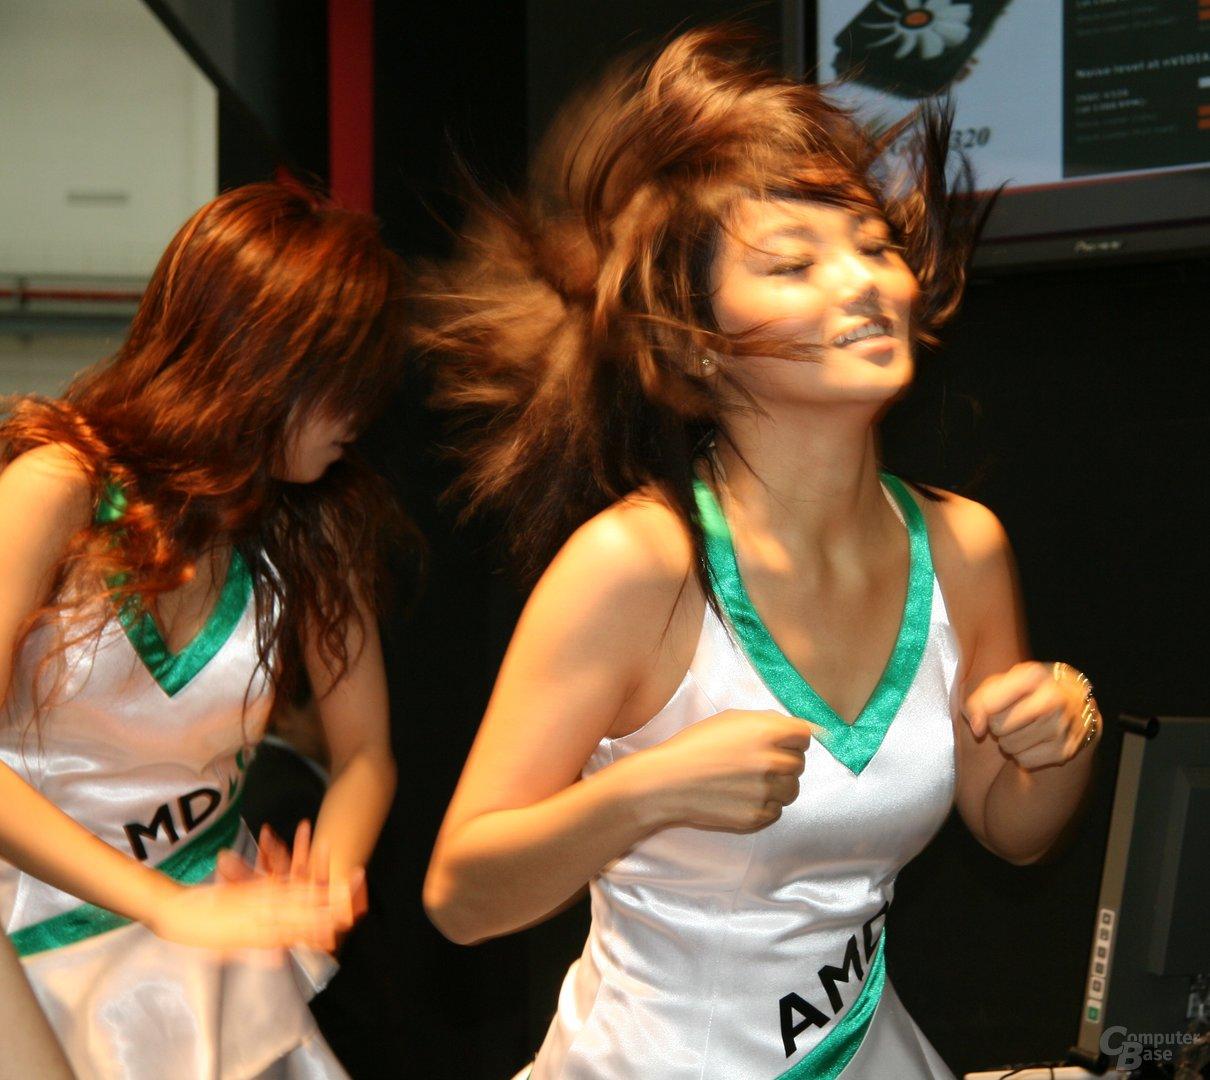 AMDs Showgirls